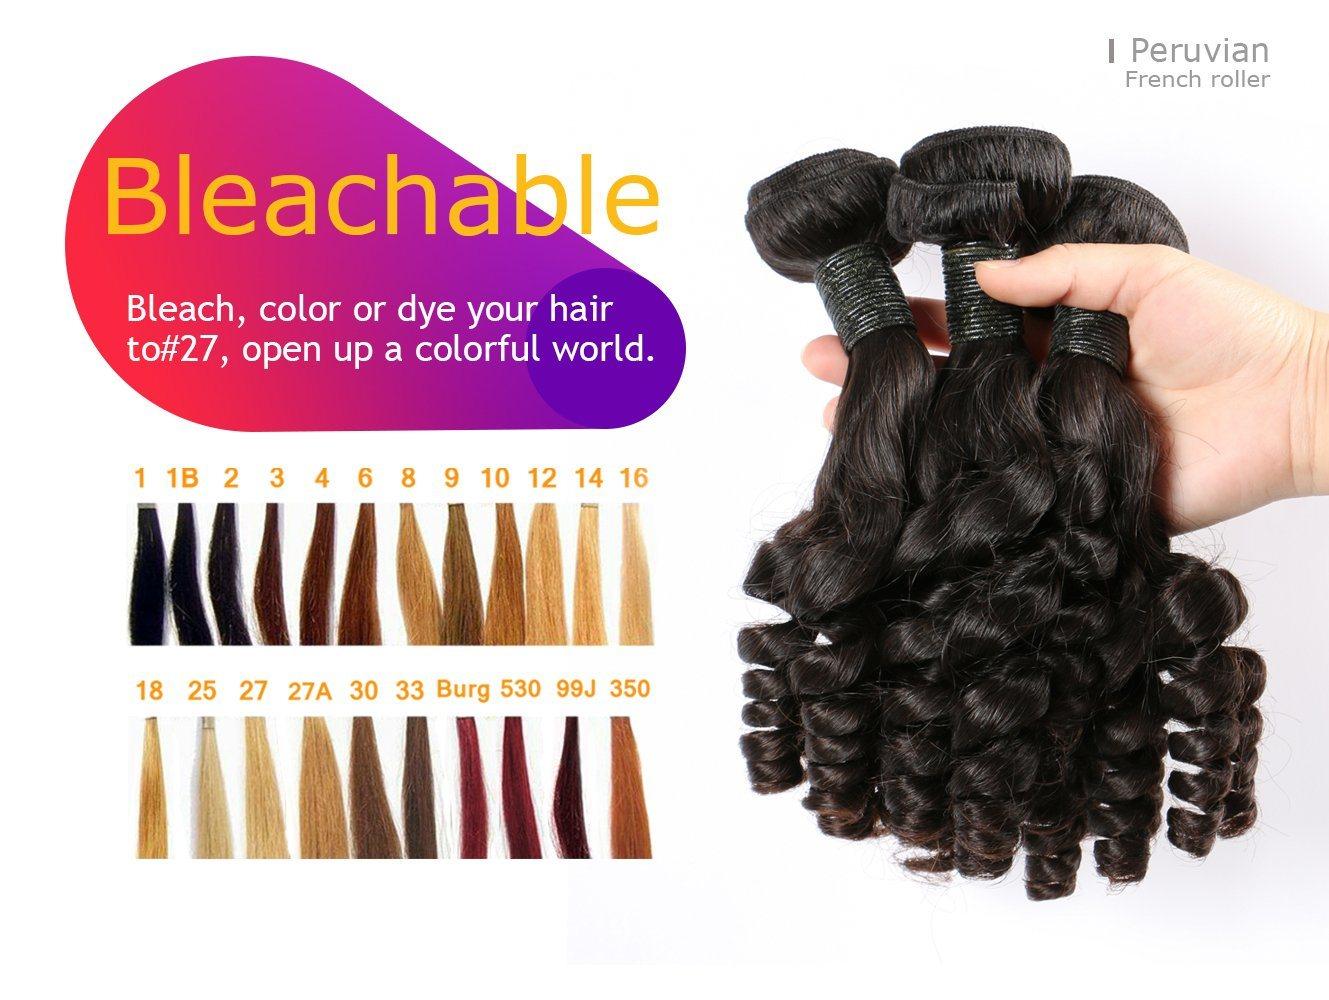 Bliss Peruvian Hair French Roller 8A Human Hair Virgin Hair